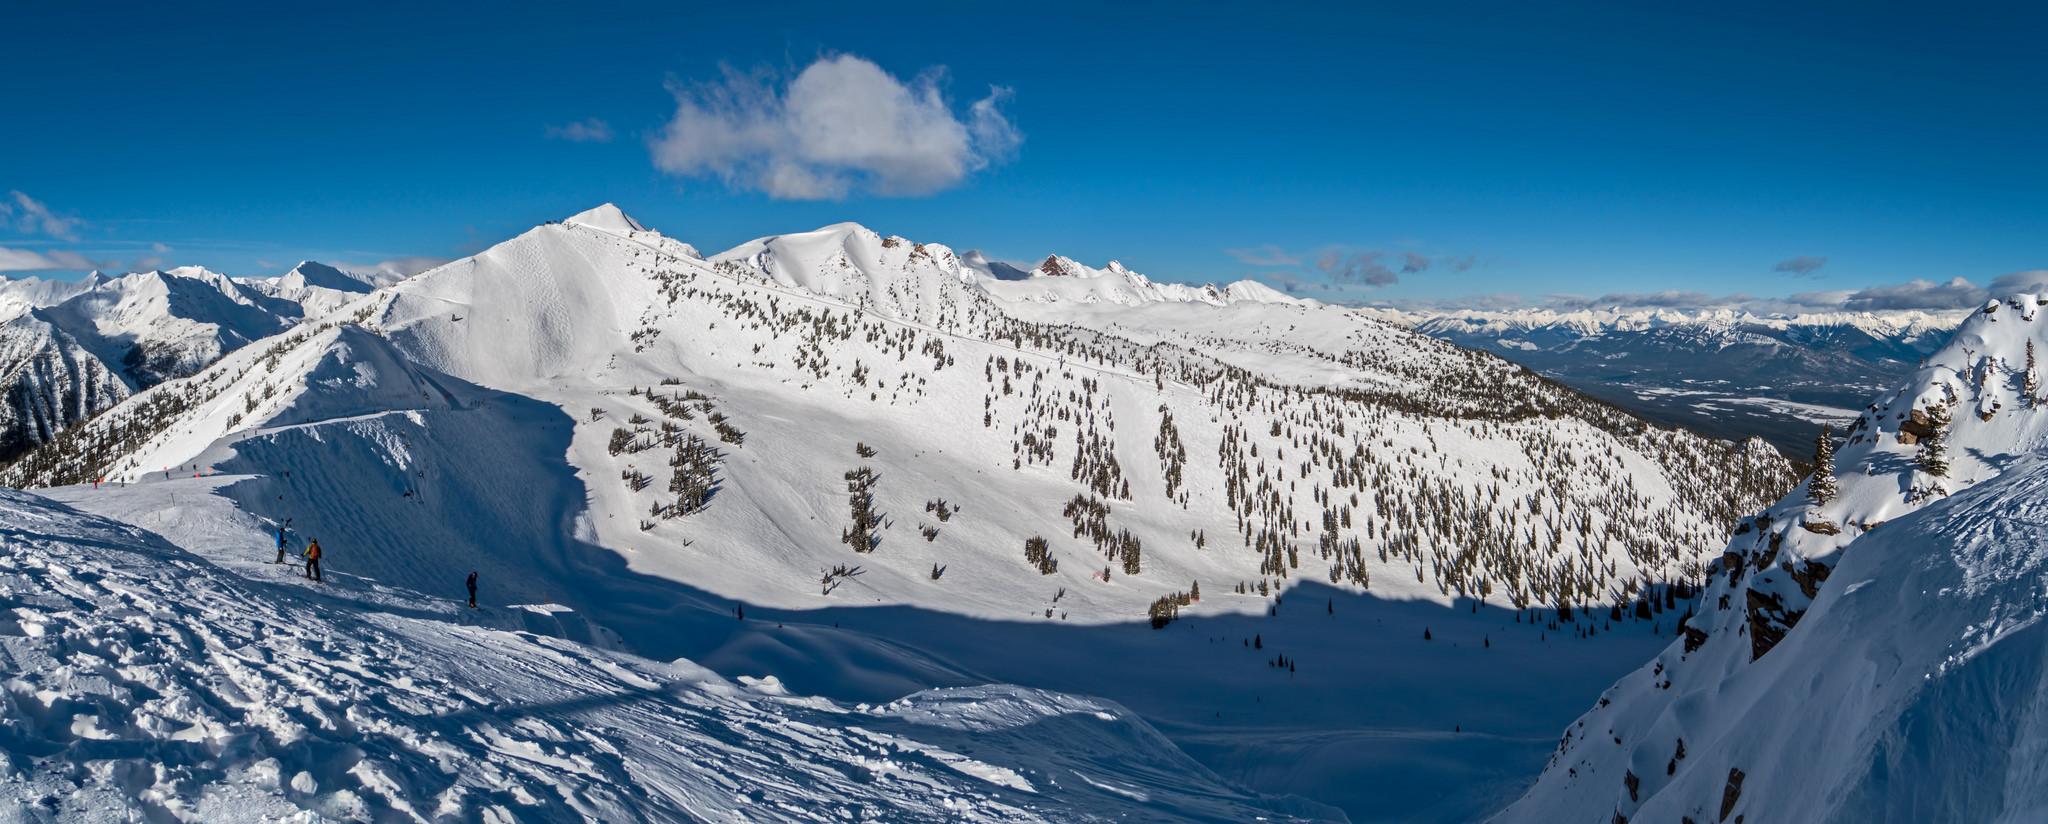 De Rocky Mountains zijn niet alleen gelegen in Amerika maar ook in Canada. Deze bergen vind je in British Columbia en Alberta